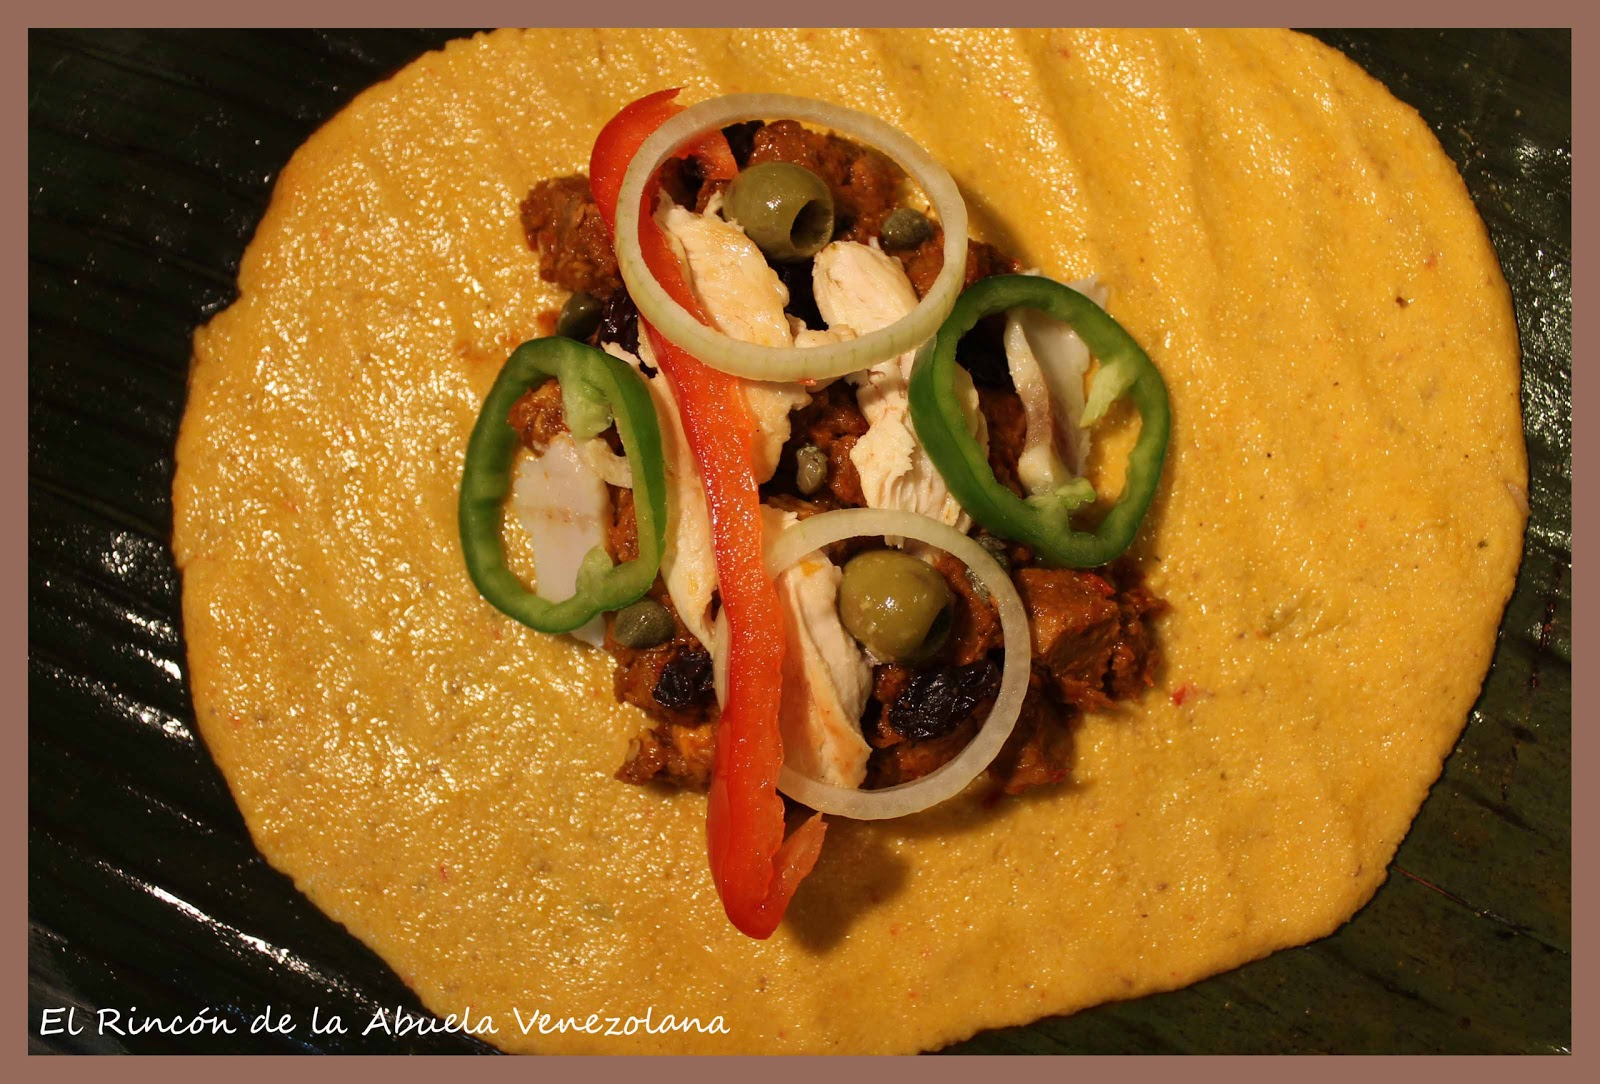 El Rincon de La Abuela Venezolana Restaurante  noviembre 2012